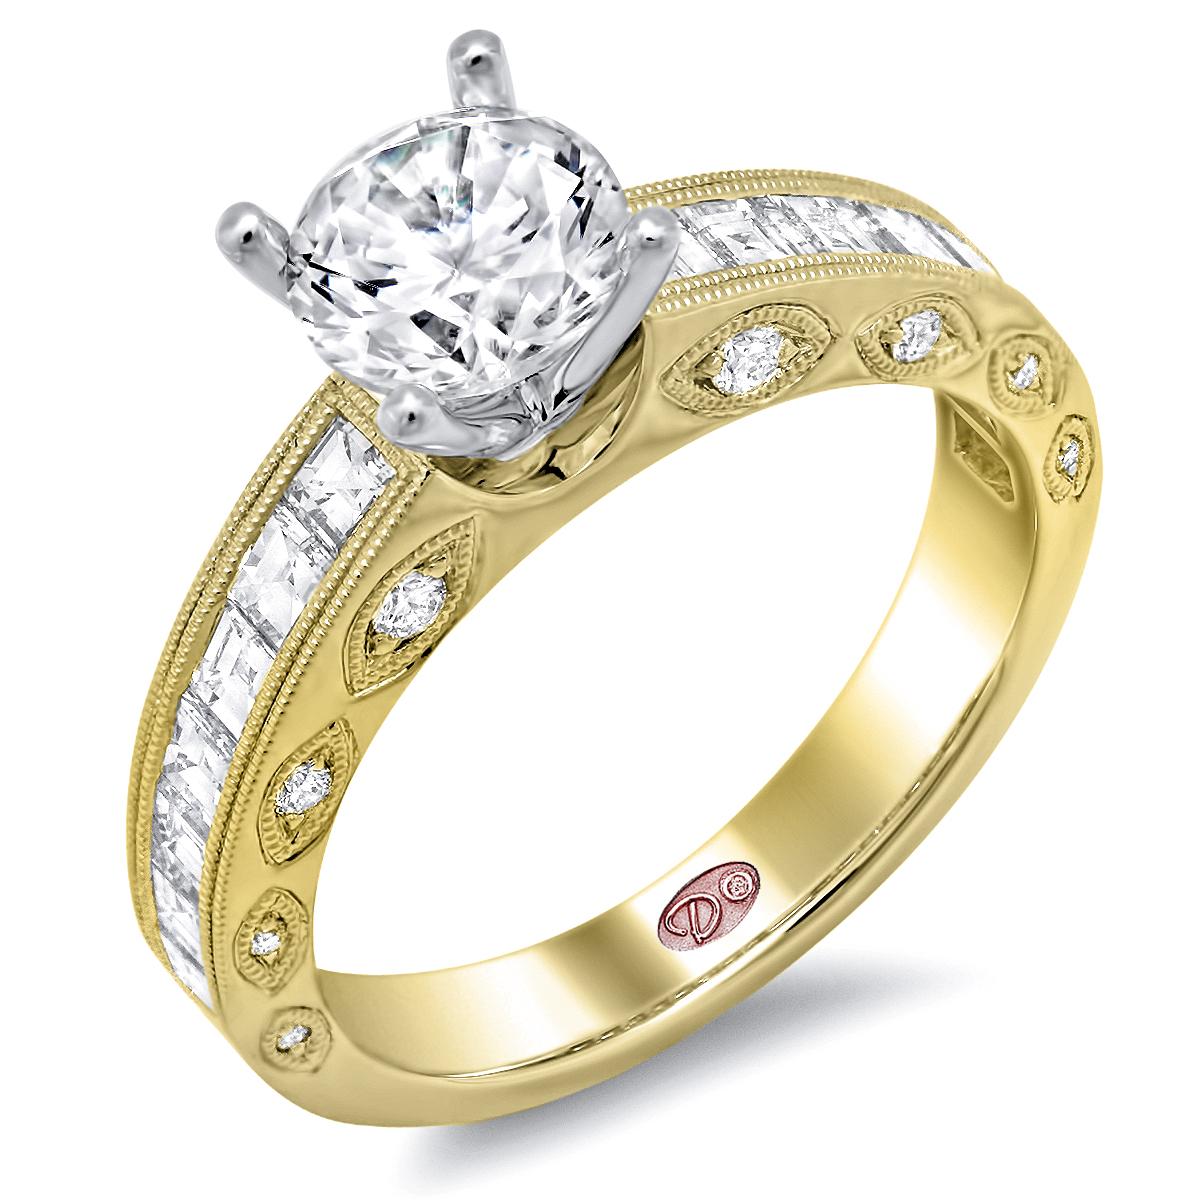 fashion jewelry websites